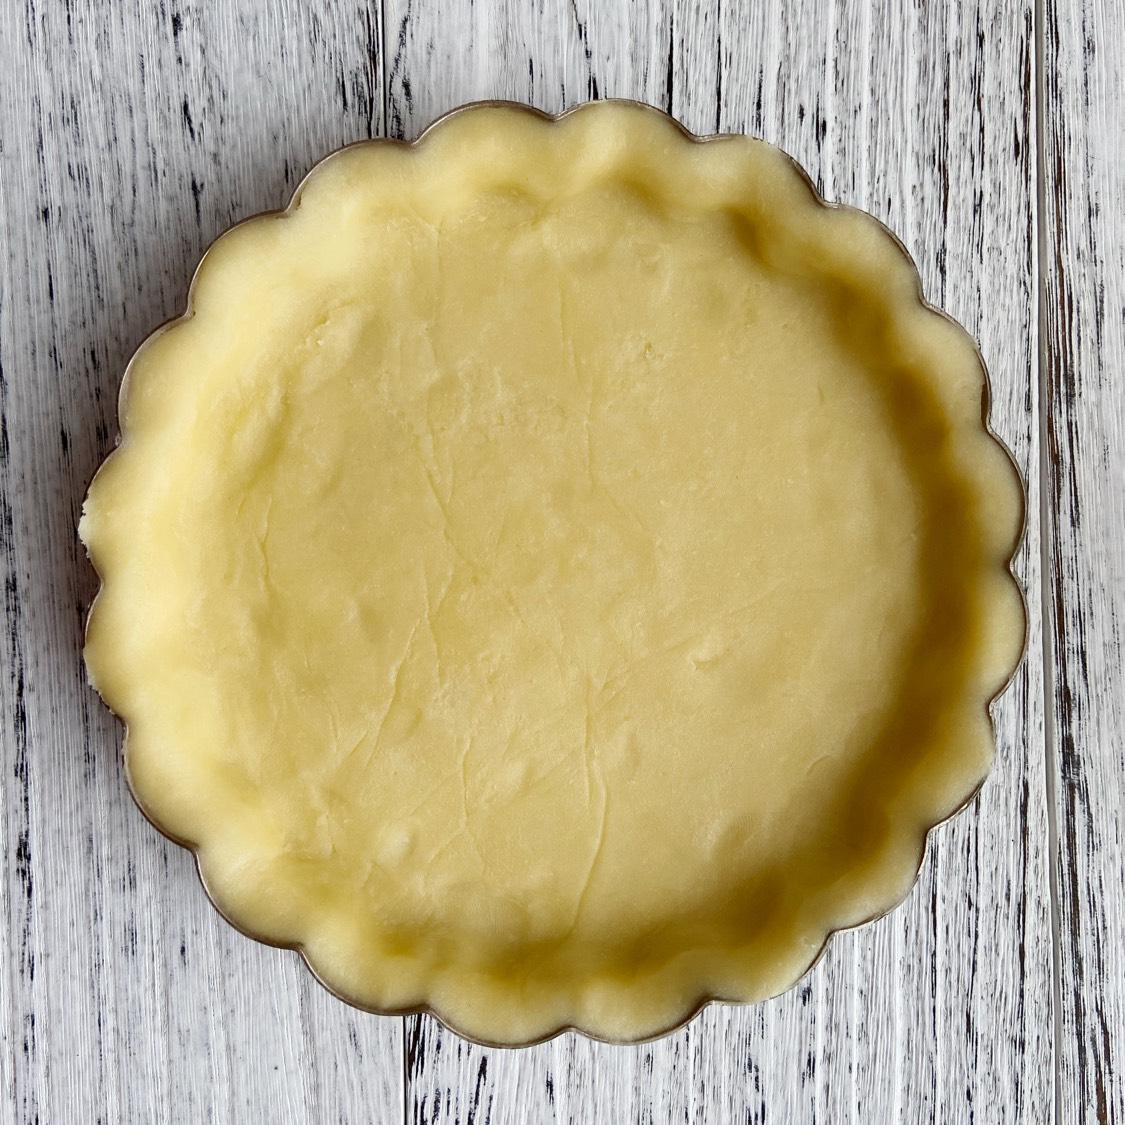 平铺在烤盘上,用手轻轻按压,让面皮和模具更贴合,冰箱冷冻15分钟